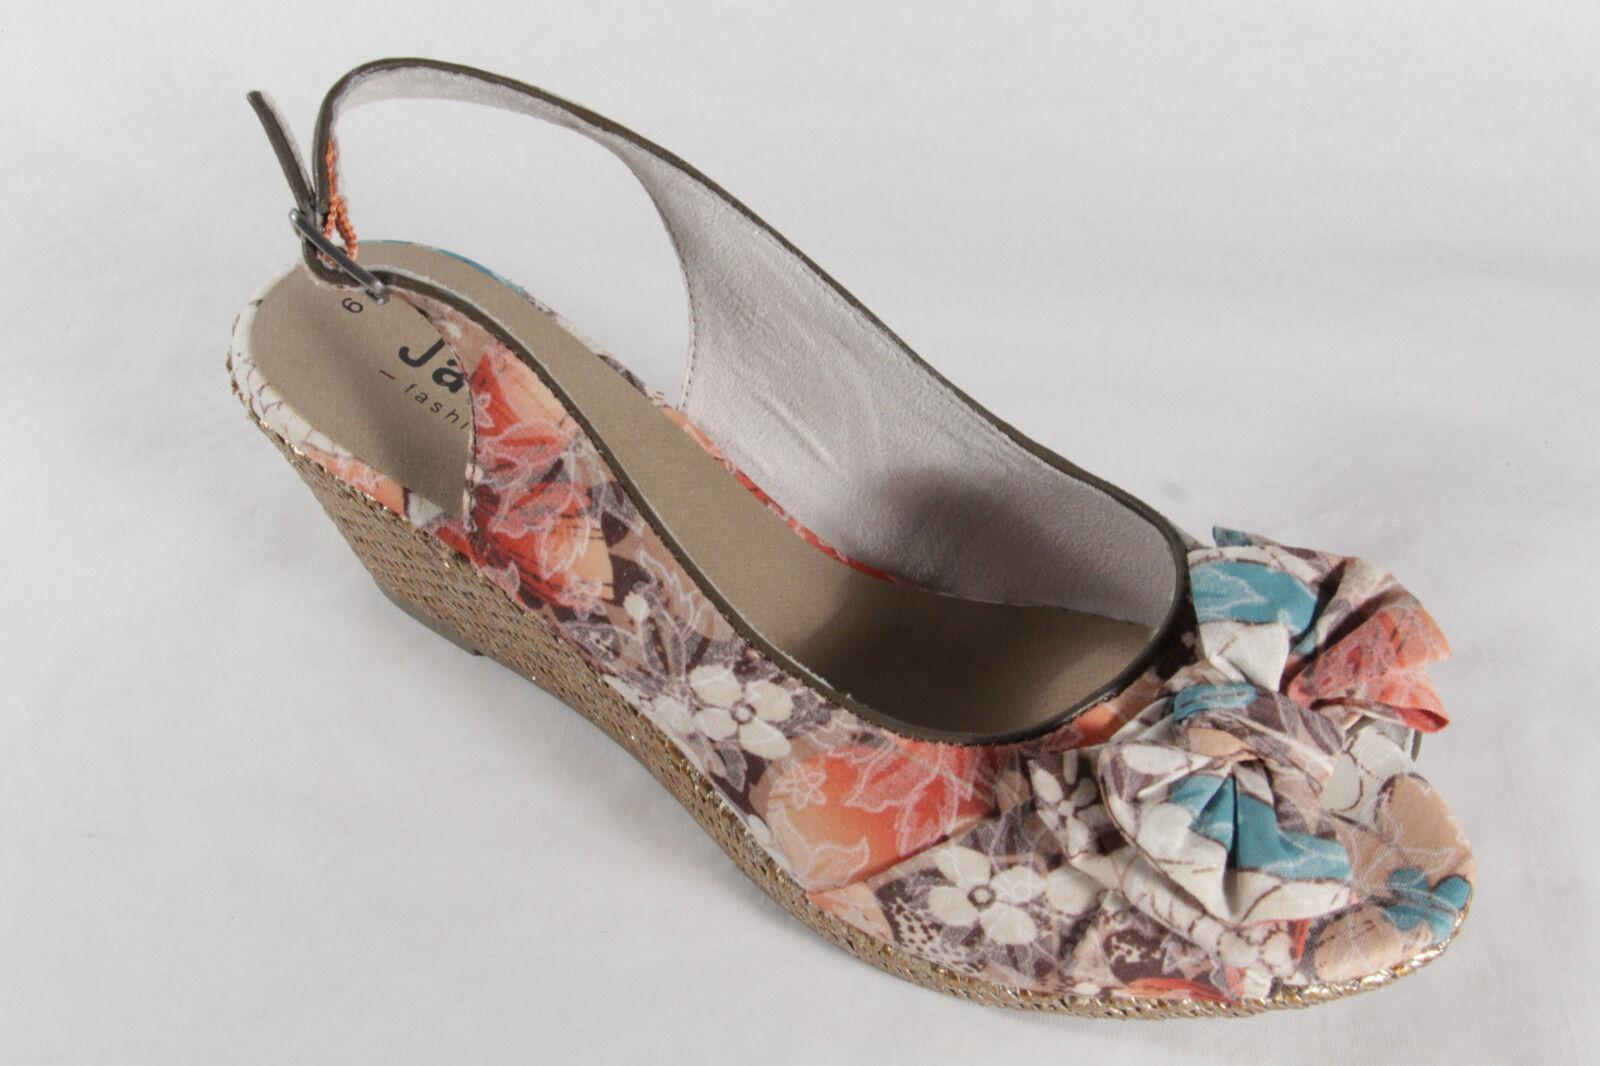 Jana Sandalias de Dama Multicolor, Suave Suela Interior, Suela de Goma Nuevo